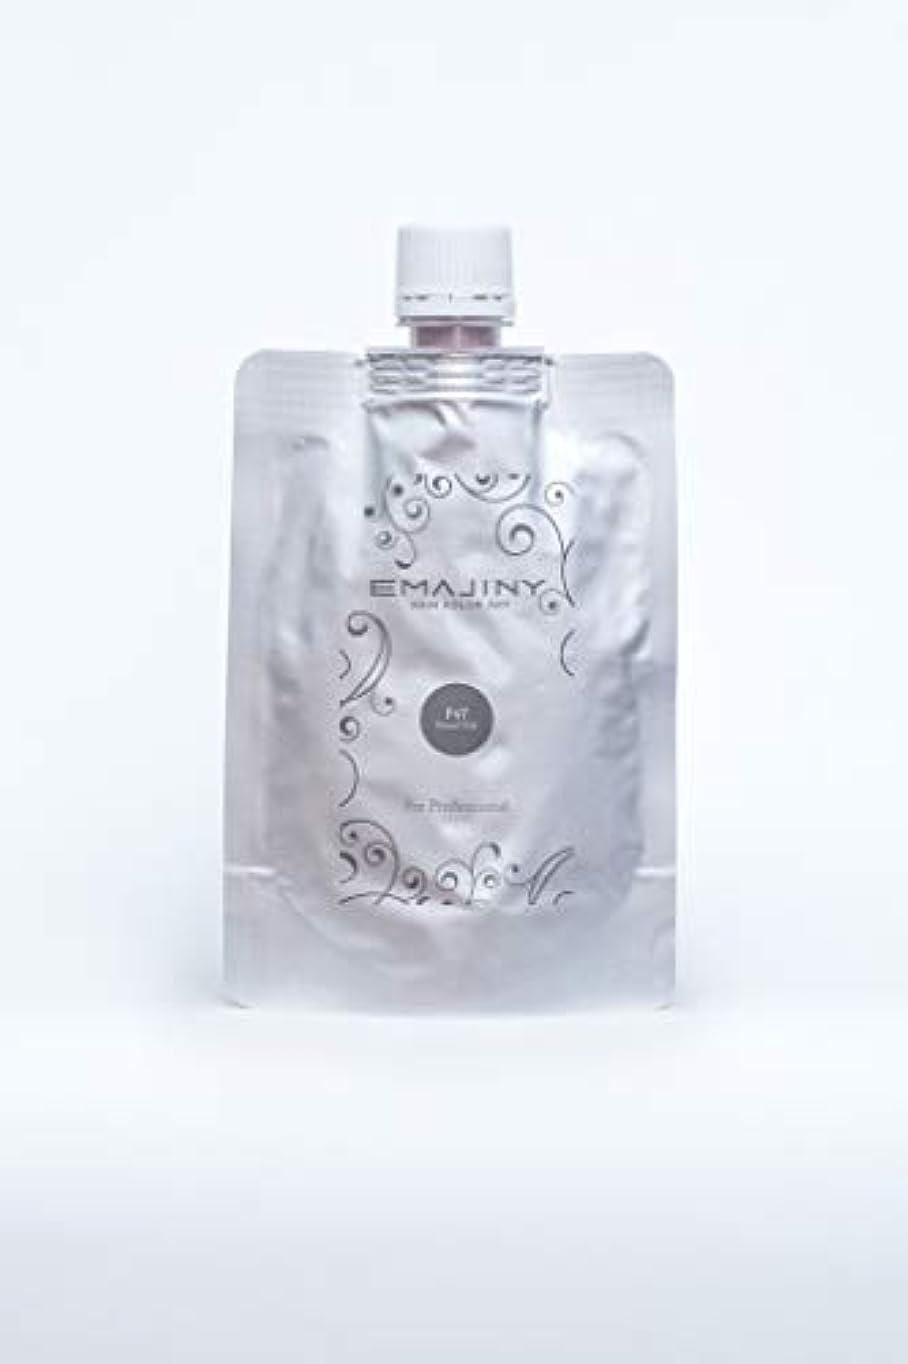 申込み接続詞ジャングルEMAJINY Formal Gray F47(グレイカラーワックス)銀プロフェッショナル100g大容量パック【日本製】【無香料】